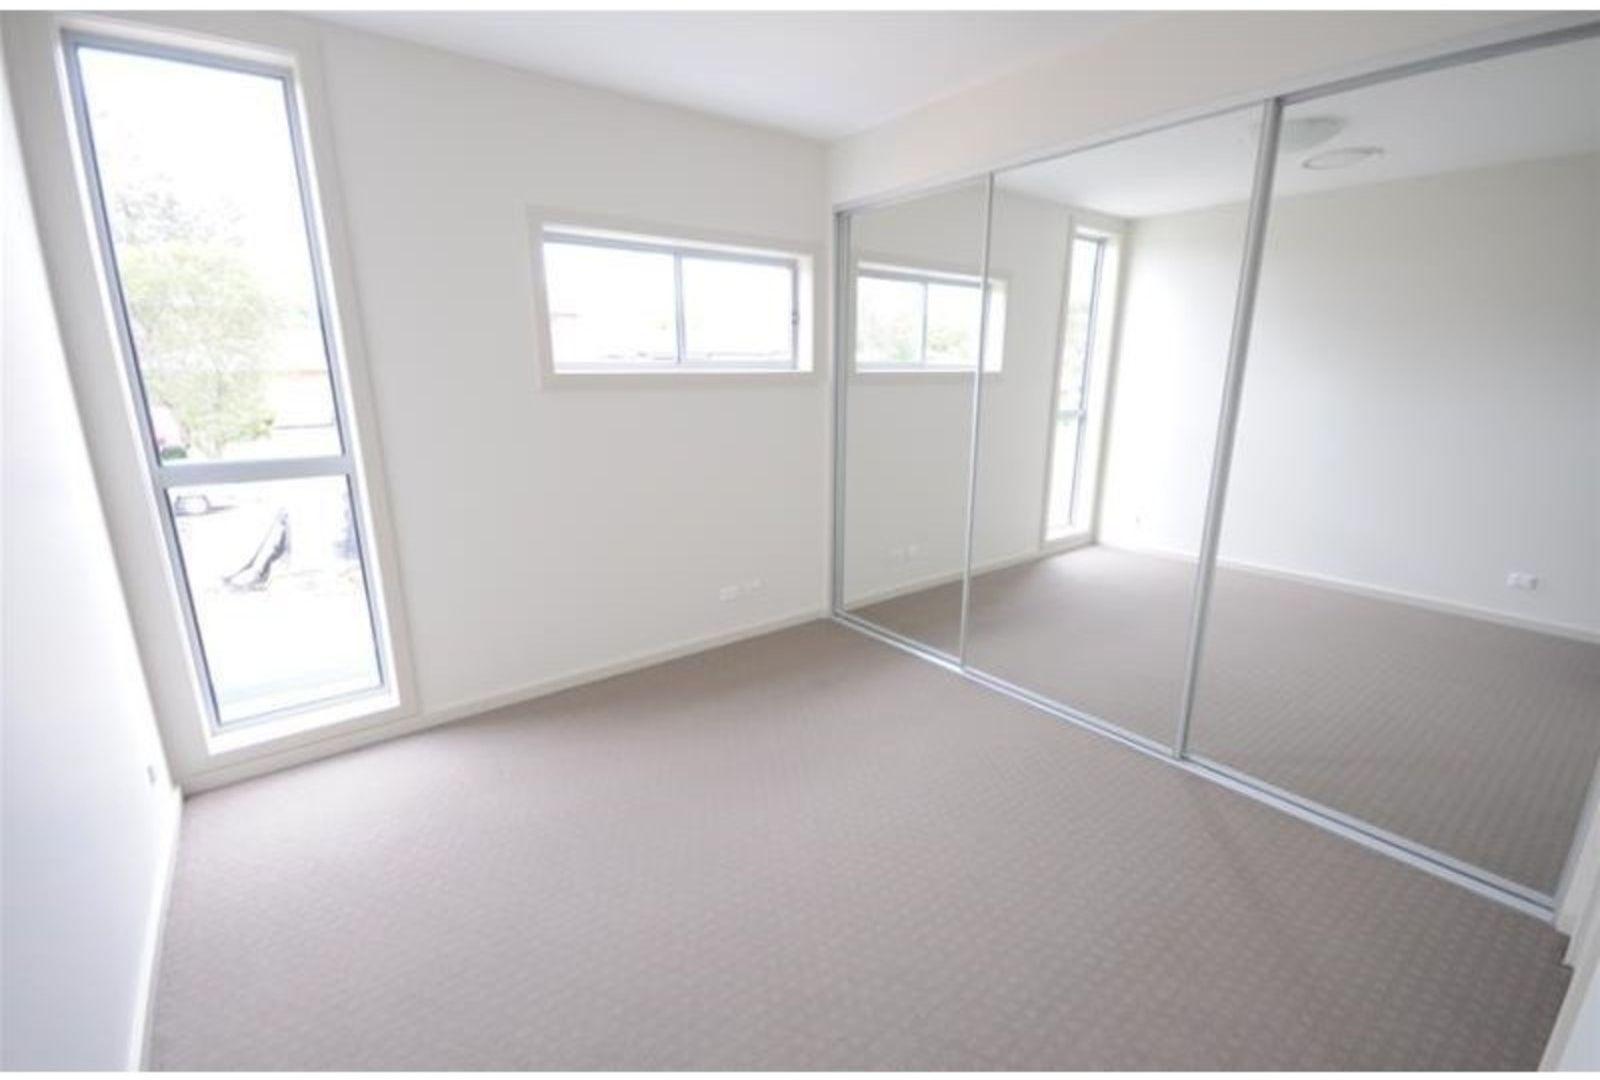 20A Rupert Street, Merrylands NSW 2160, Image 2